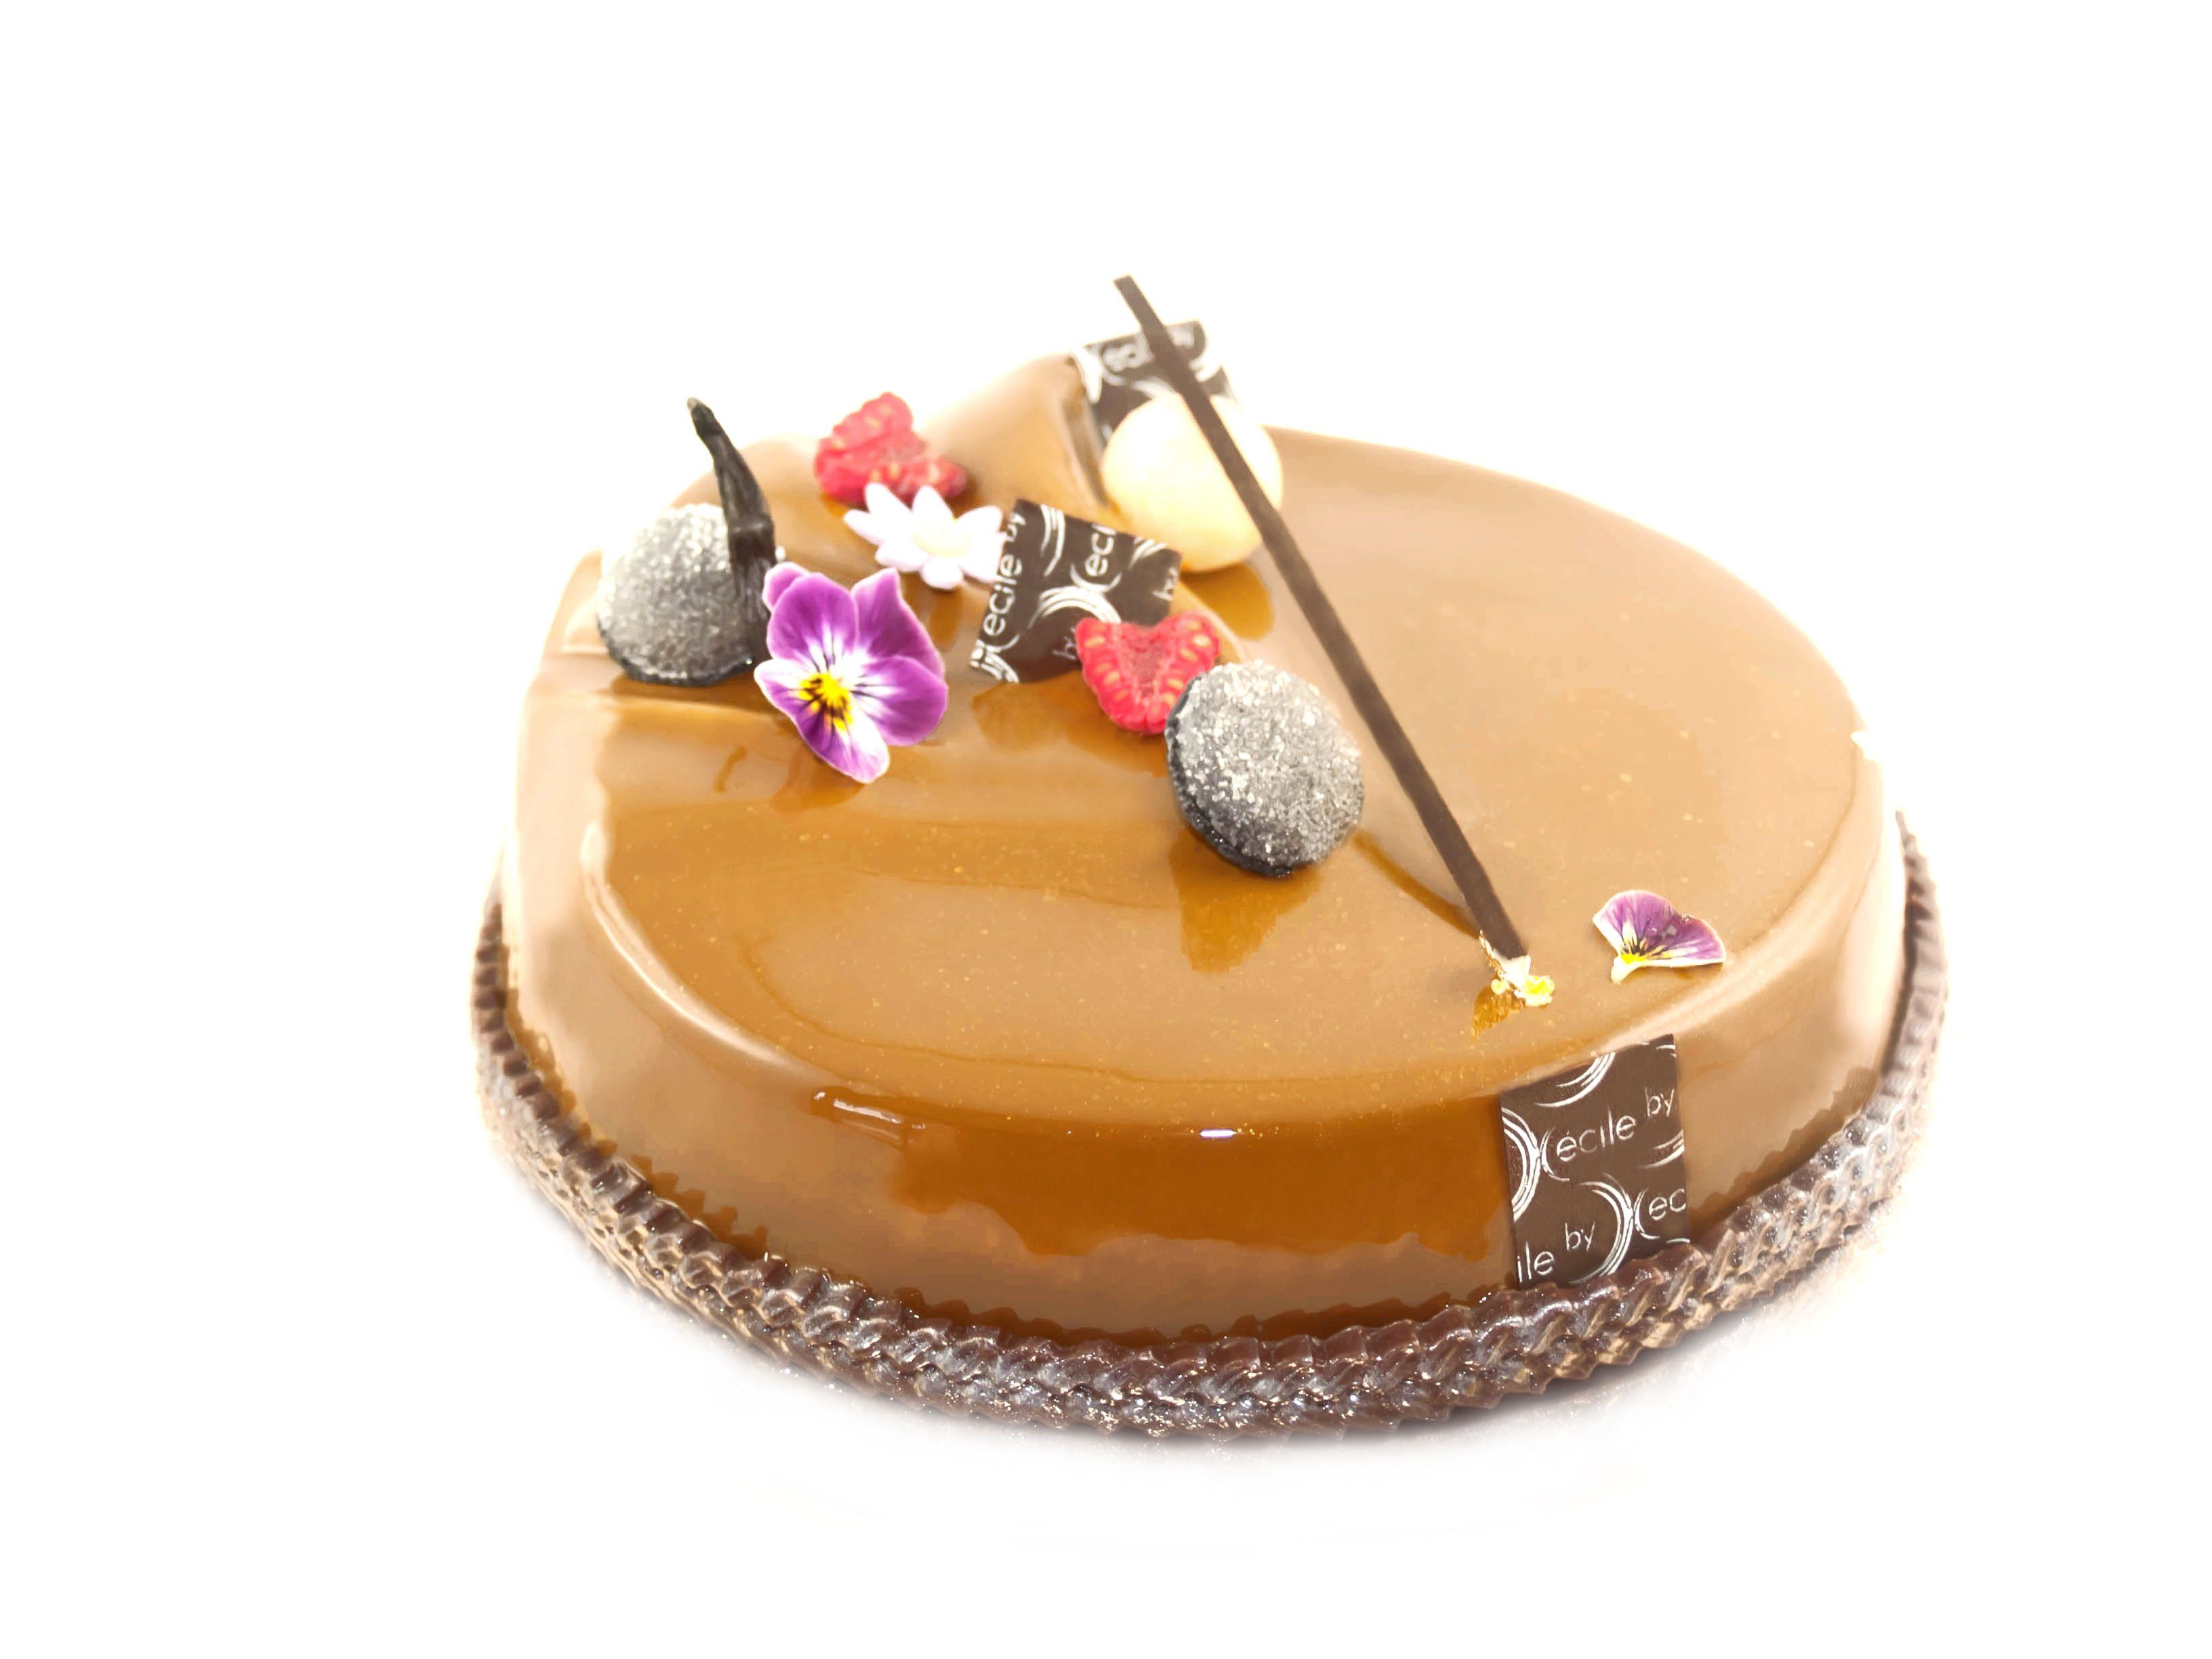 Entremets chocolat th noisettes fond croustillant - Glacage miroir chocolat ...